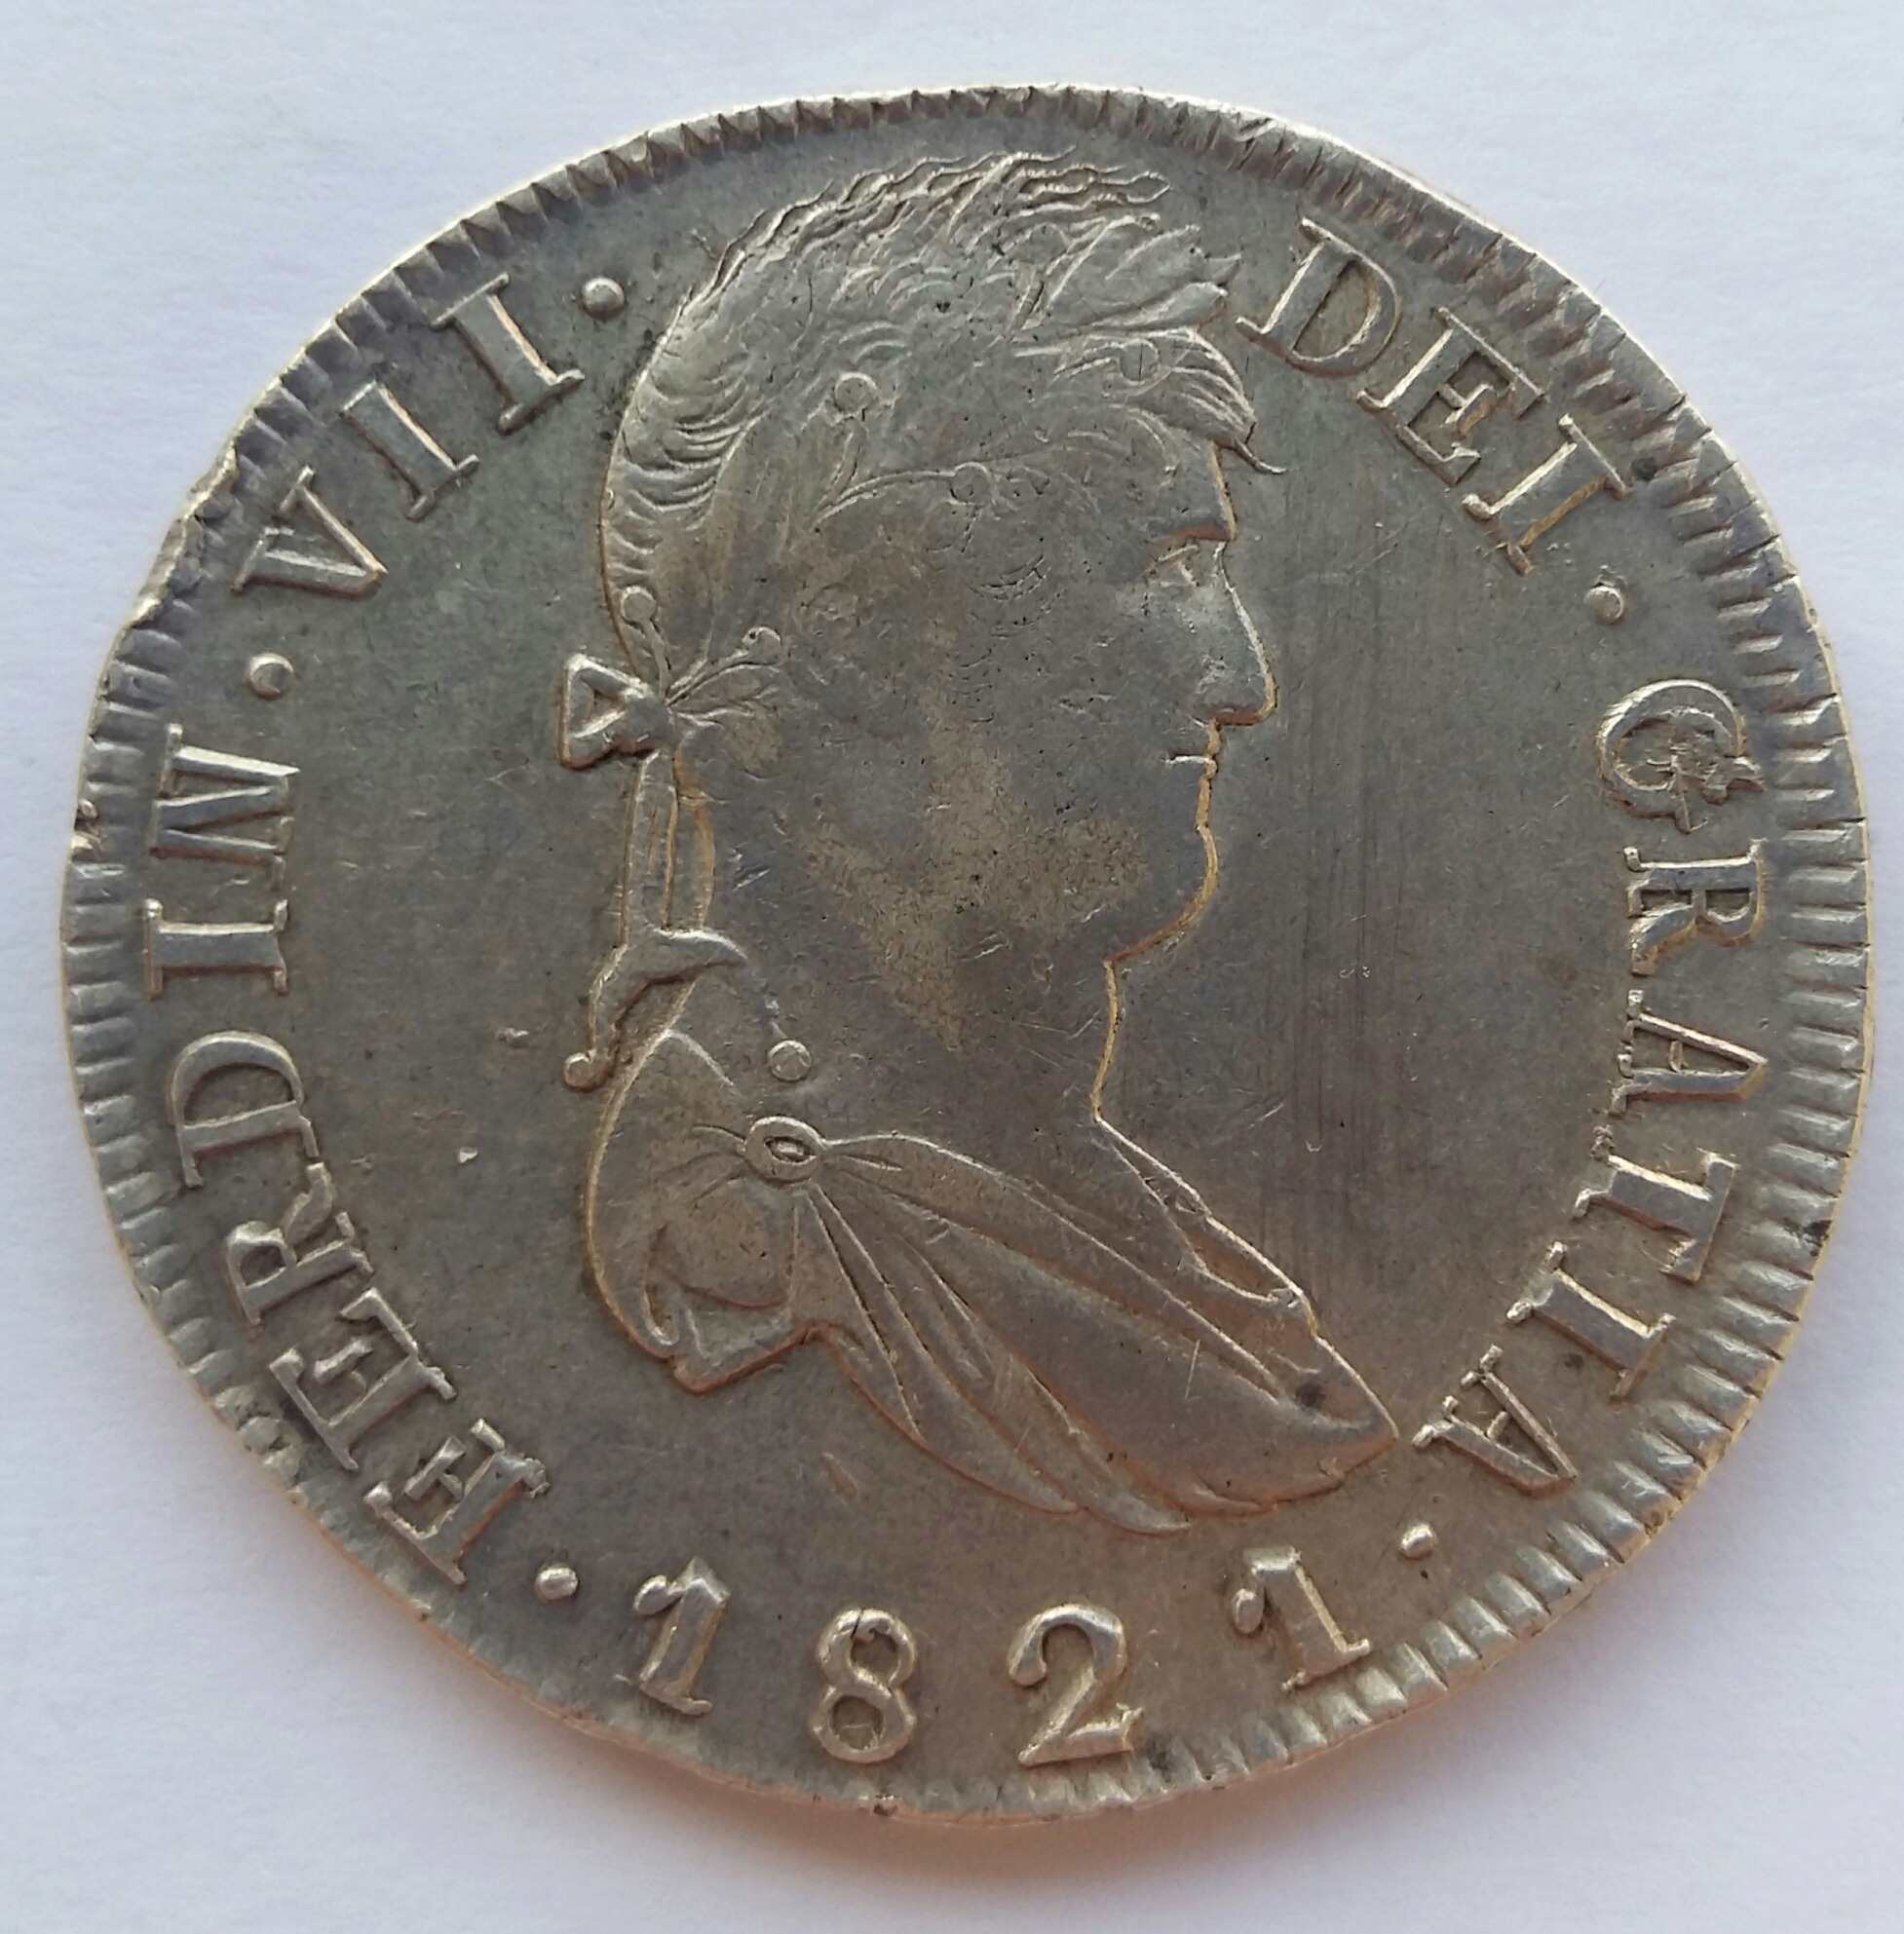 8 Reales 1821. Fernando VII. Zacatecas RG 20200128